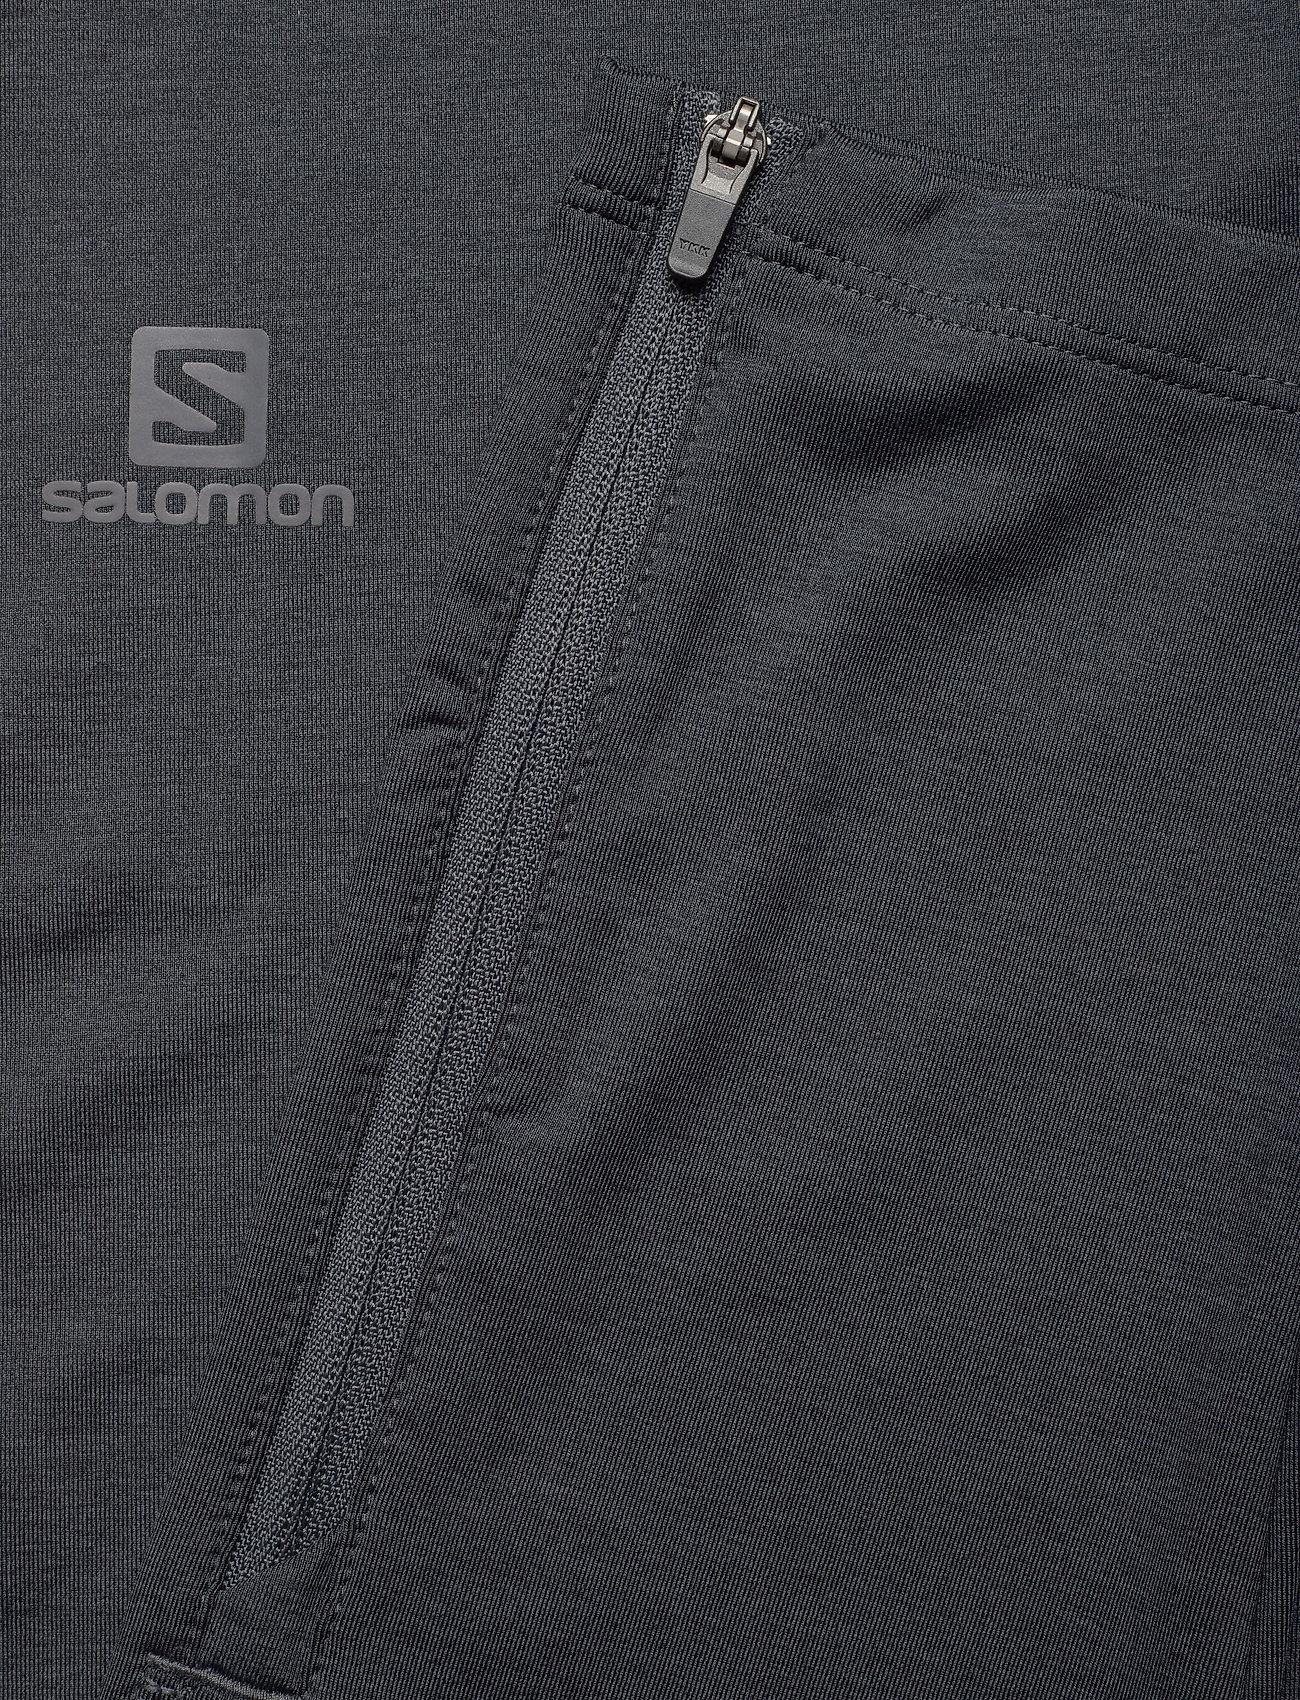 Salomon AGILE LONG TIGHT W - Leginsy BLACK/EBONY/HEATHER - Kobiety Odzież.